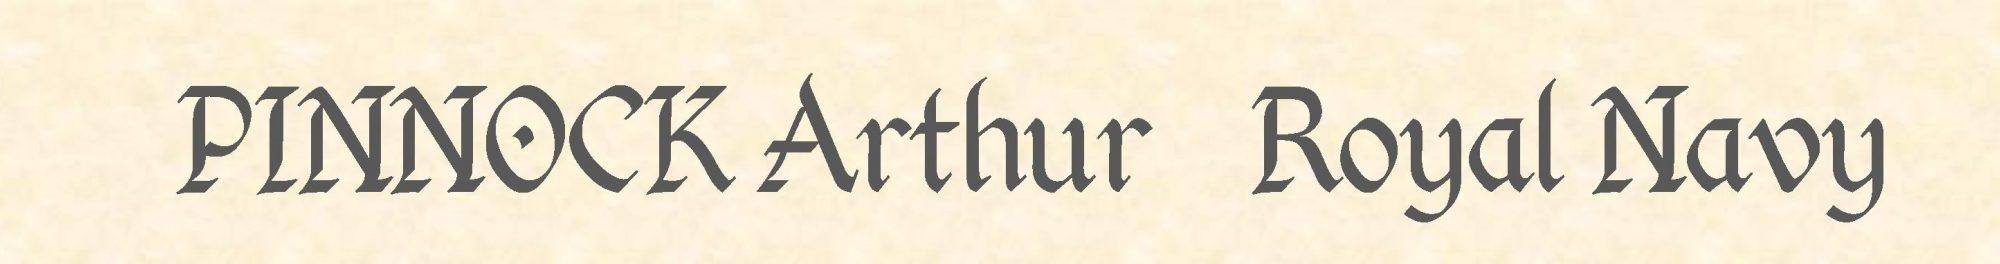 Arthur Pinnock header